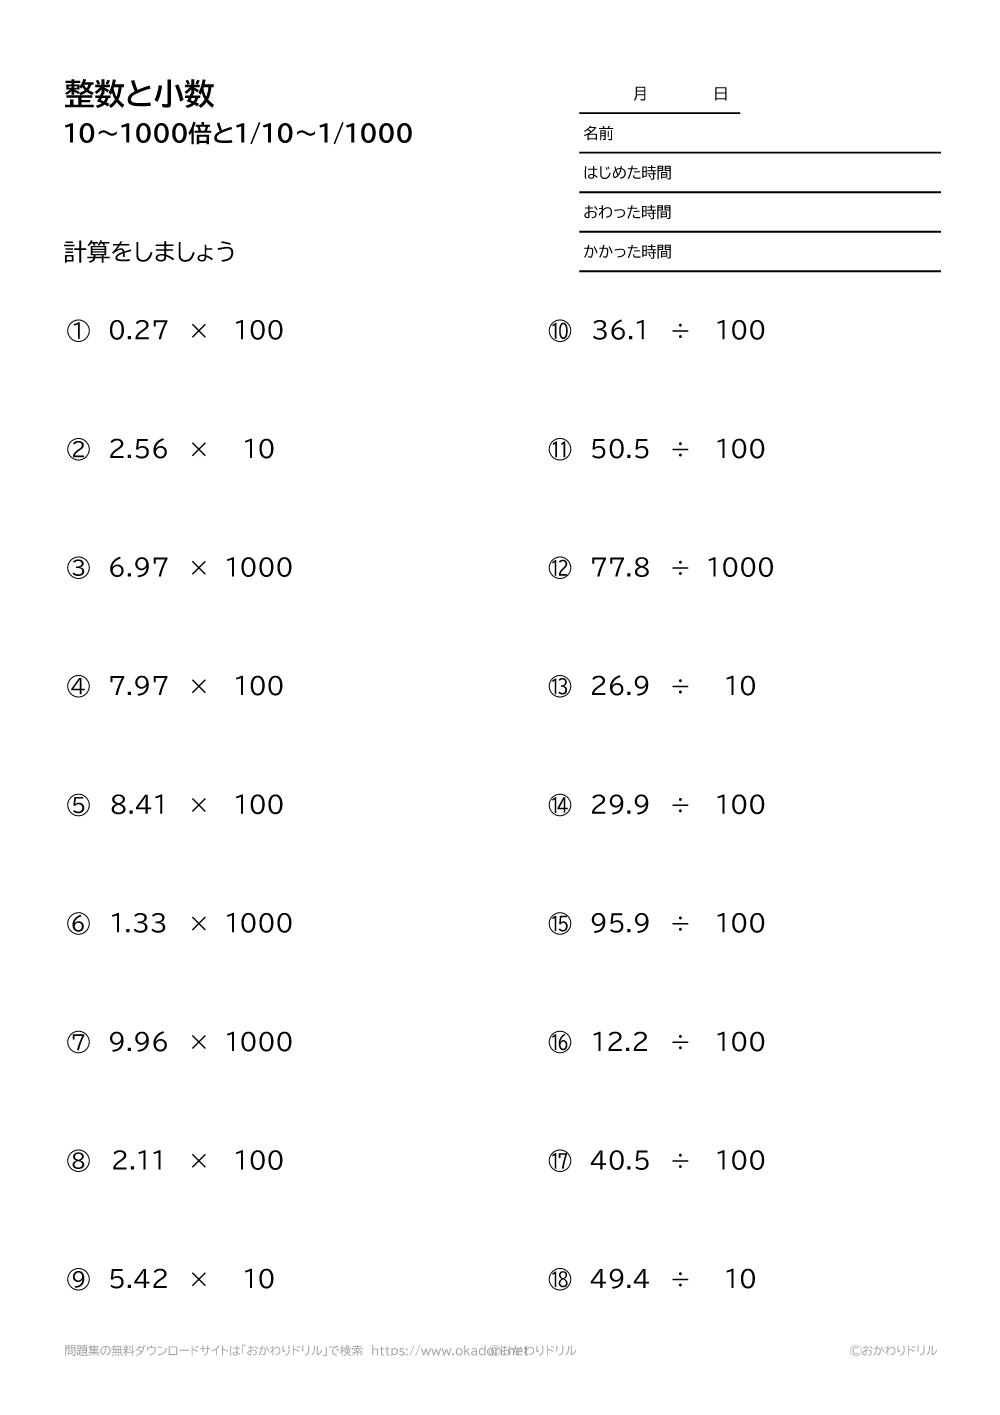 整数と小数-小数の位と小数点の位置-4